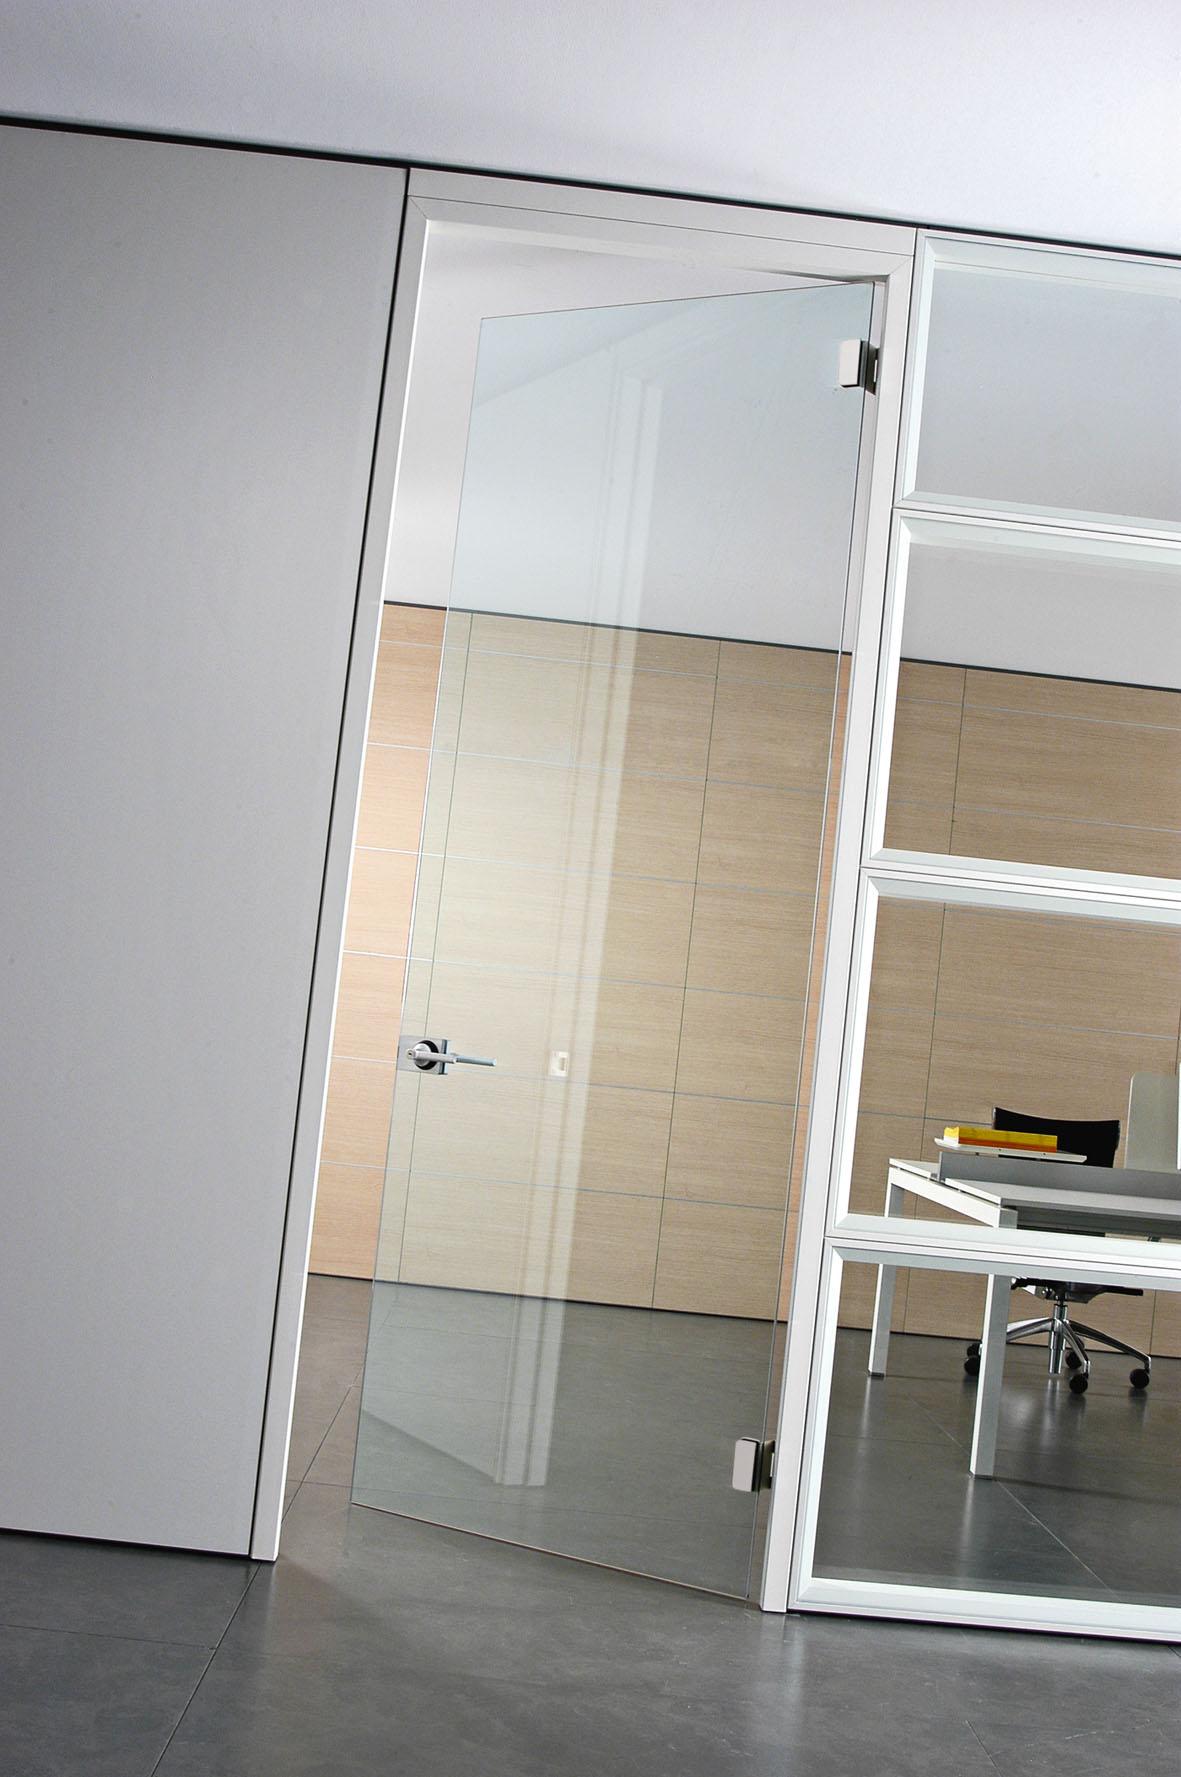 Pareti divisorie ufficio economiche pareti divisorie - Pareti divisorie ufficio economiche ...